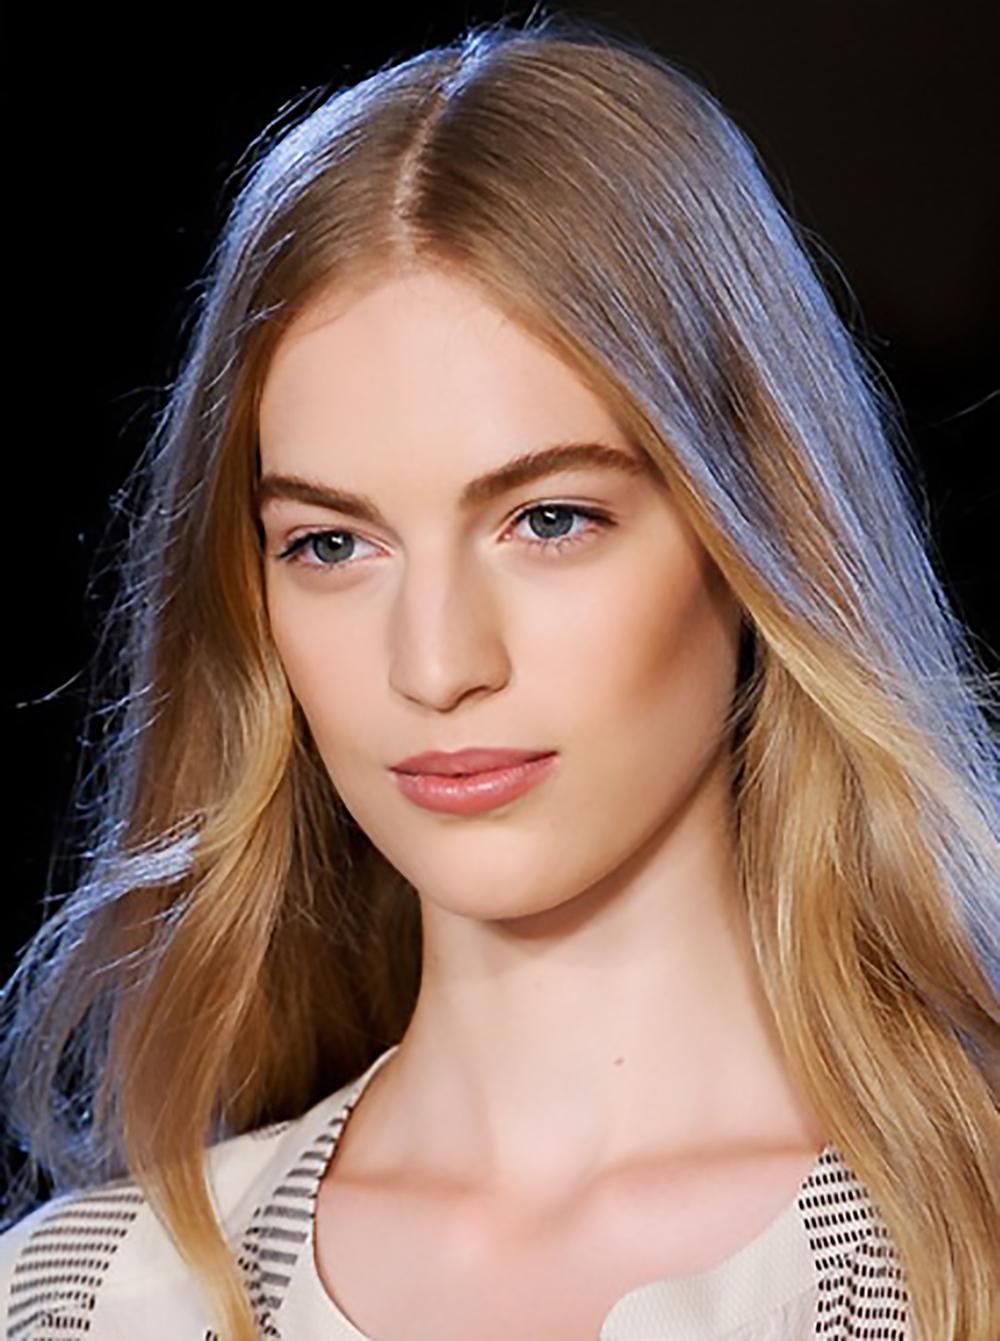 elle.com spring 2013 makeup trend bold brows 1500.jpg